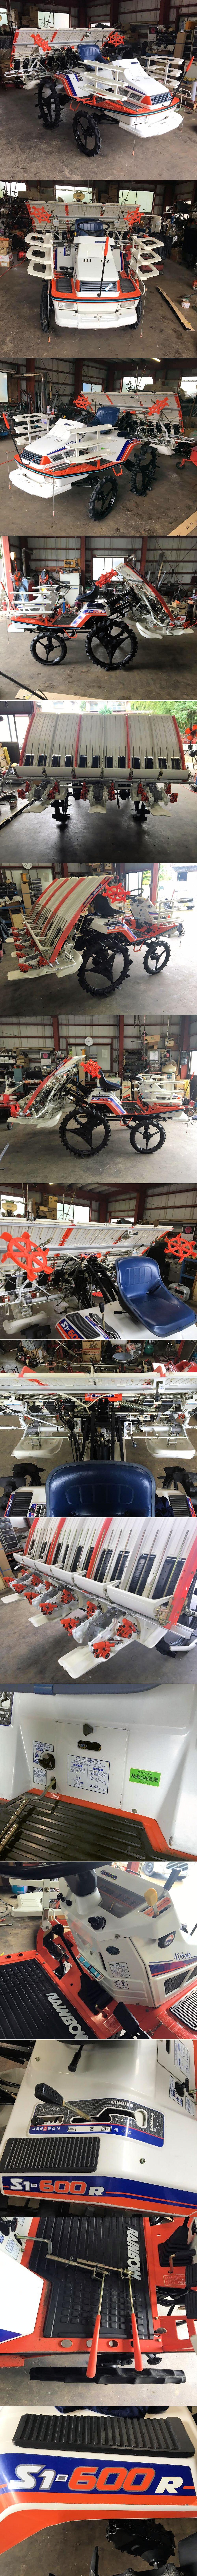 クボタ 田植機 S1-600R 毎年整備 モンロー付 ミラクルロータリ 6条 極上美品 中古